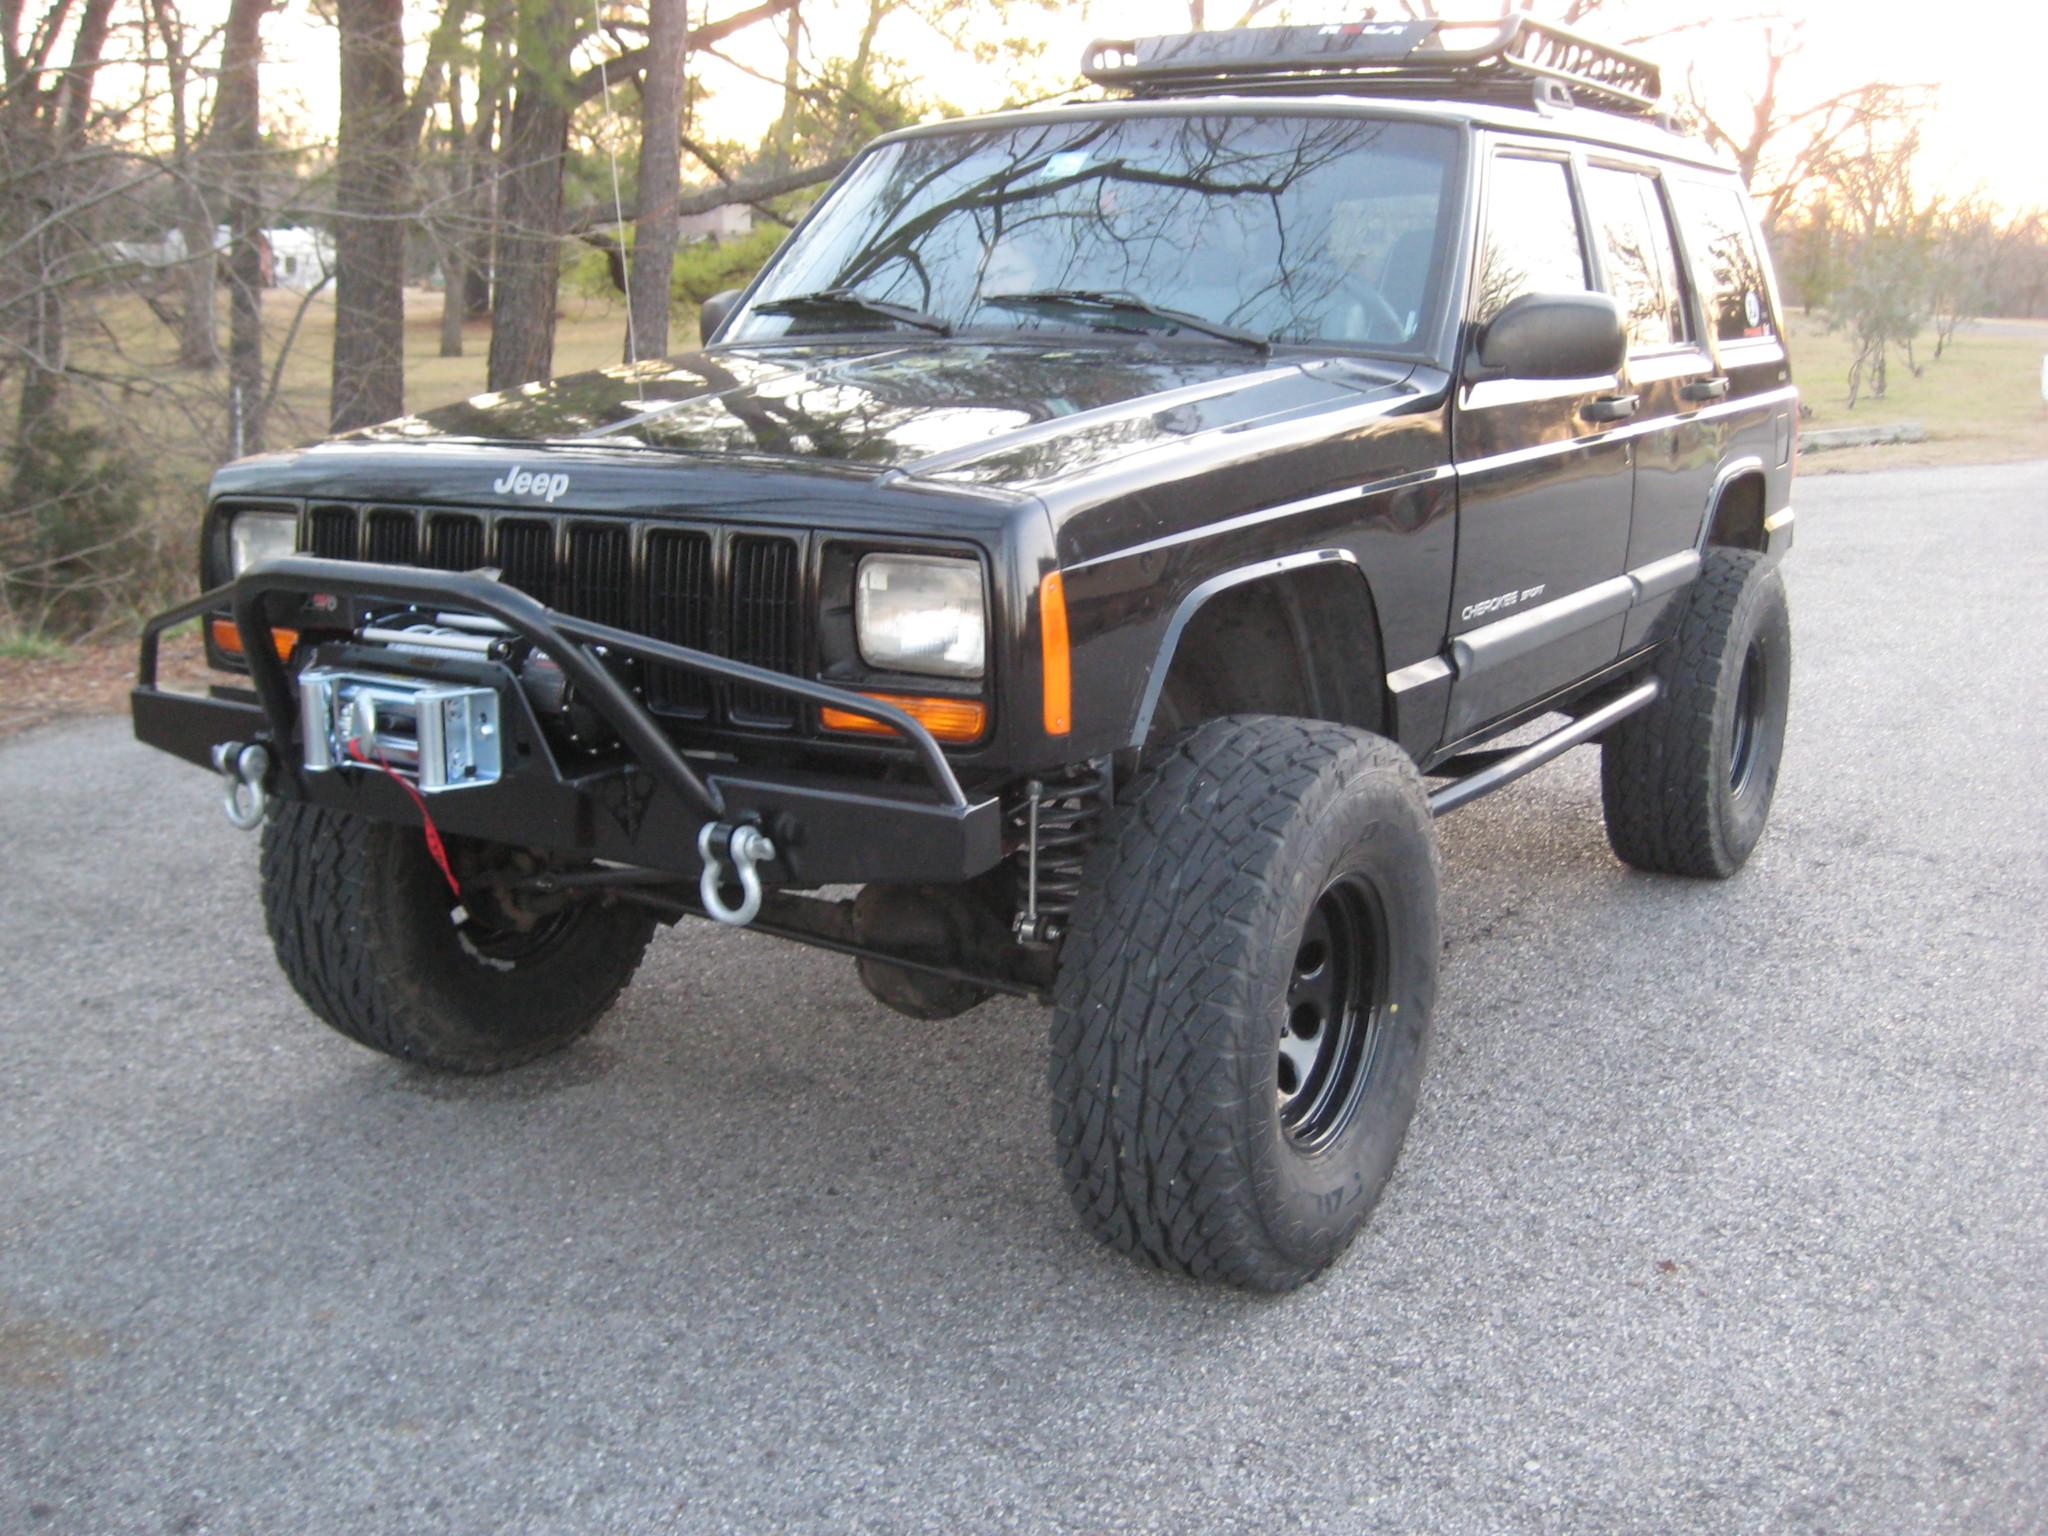 Road Rhino Bumper >> Elite PreRunner Winch Front Bumper-Jeep Cherokee XJ/Comanche (84-01) - Affordable Offroad